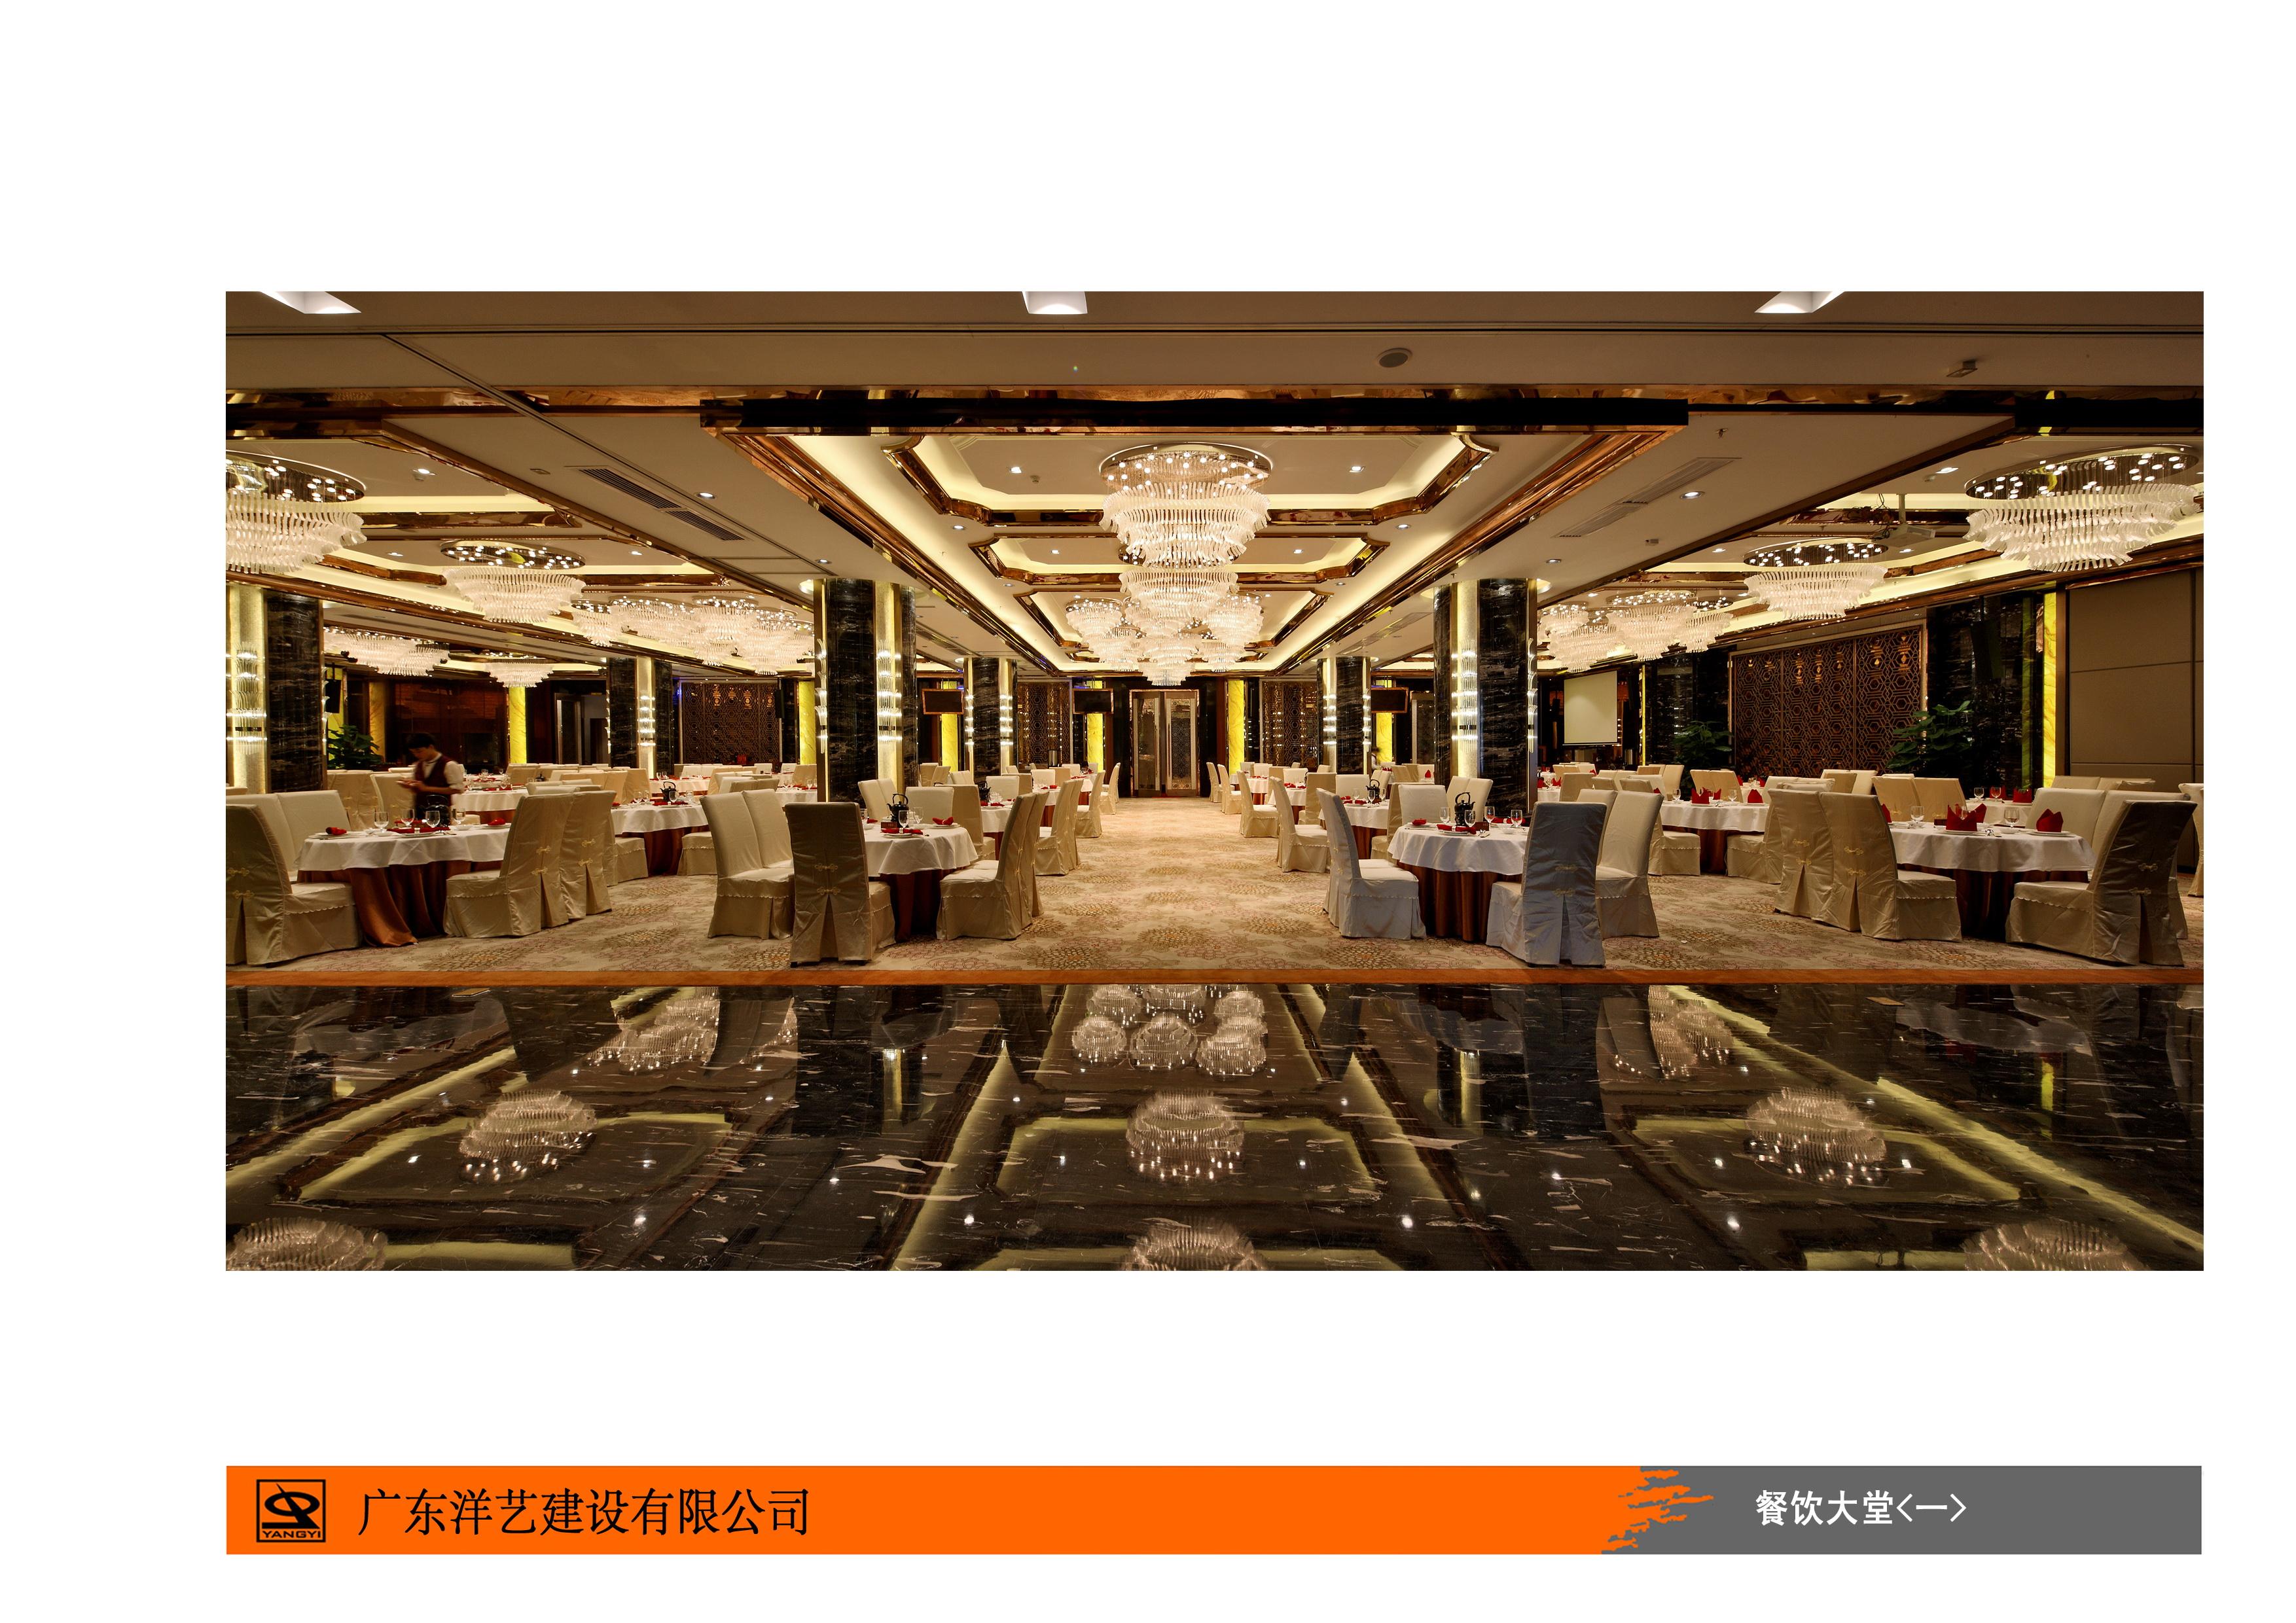 建筑装饰装修工程设计与施工贰级